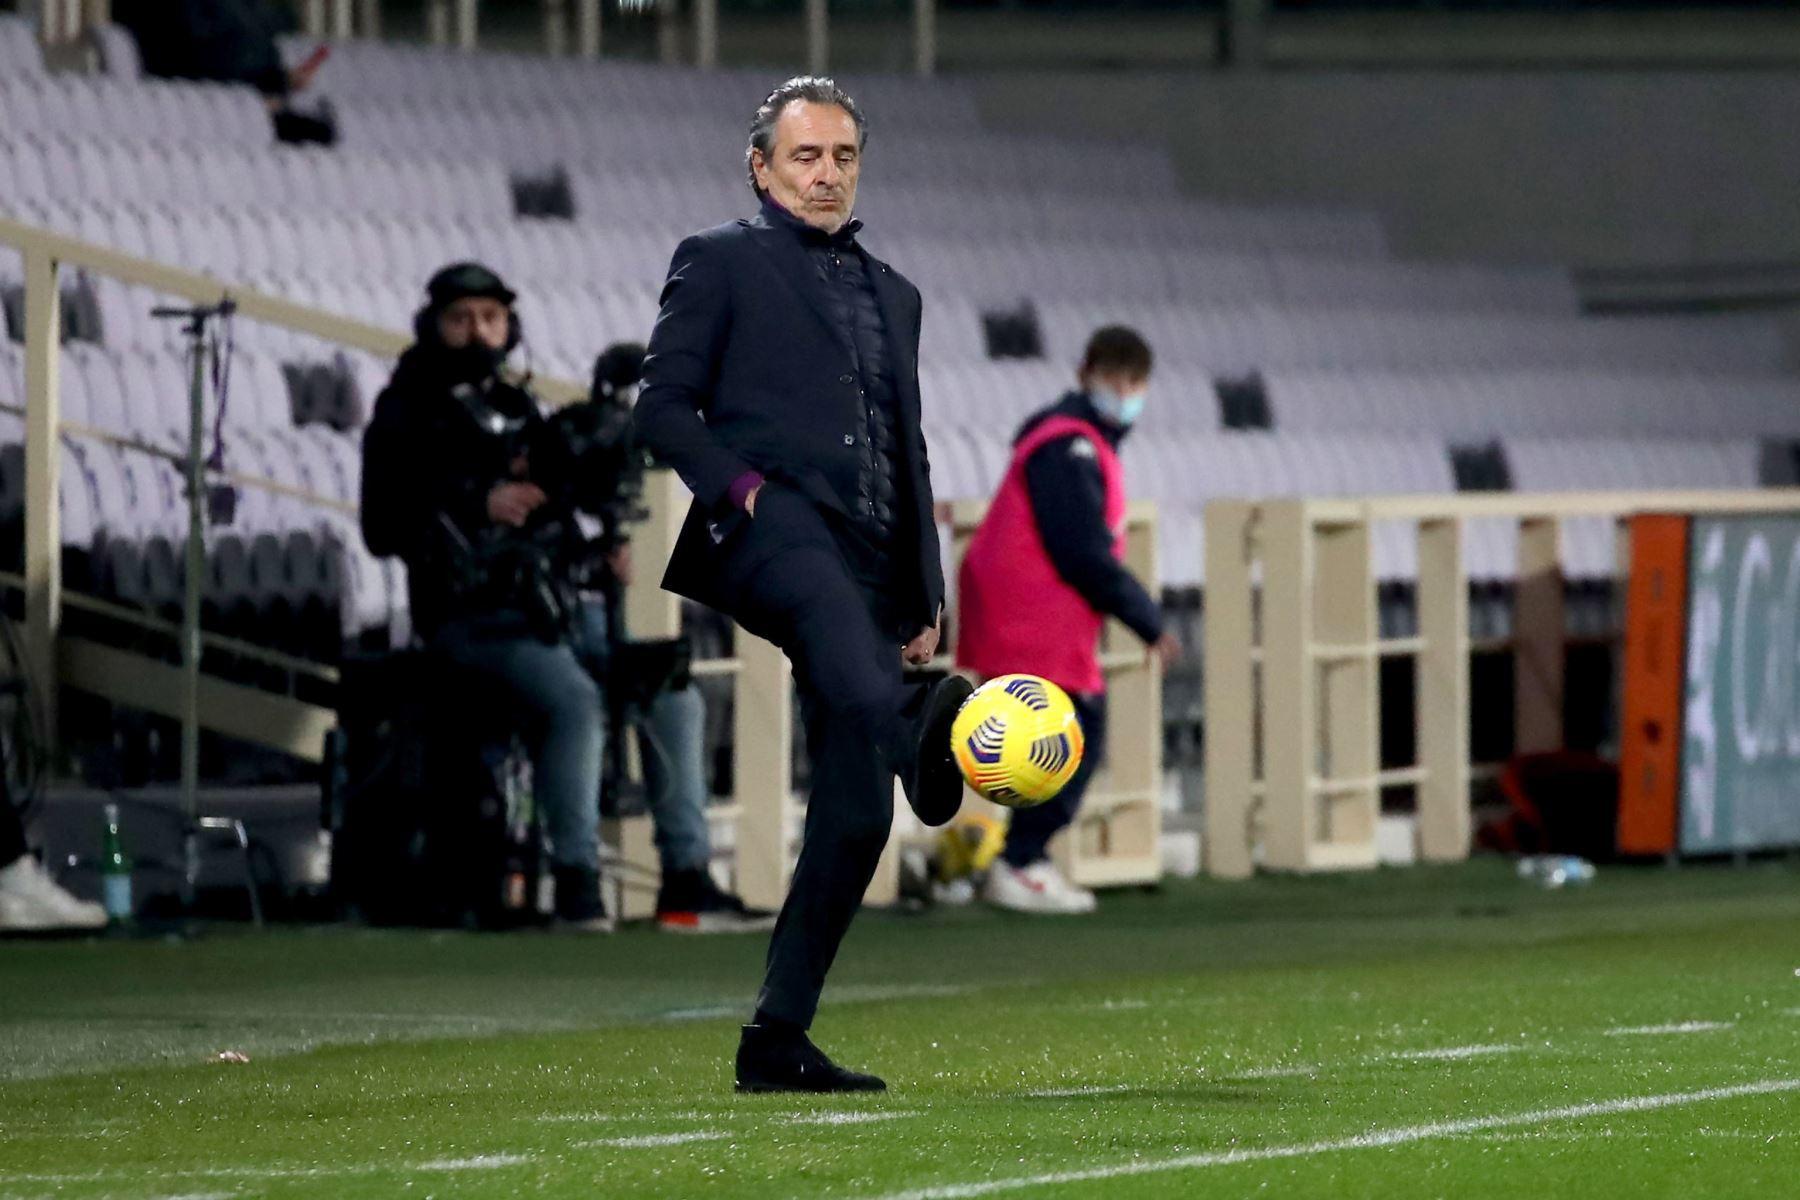 El entrenador de la Fiorentina, Cesare Prandelli, reacciona durante el partido de fútbol de la Serie A. Foto: EFE